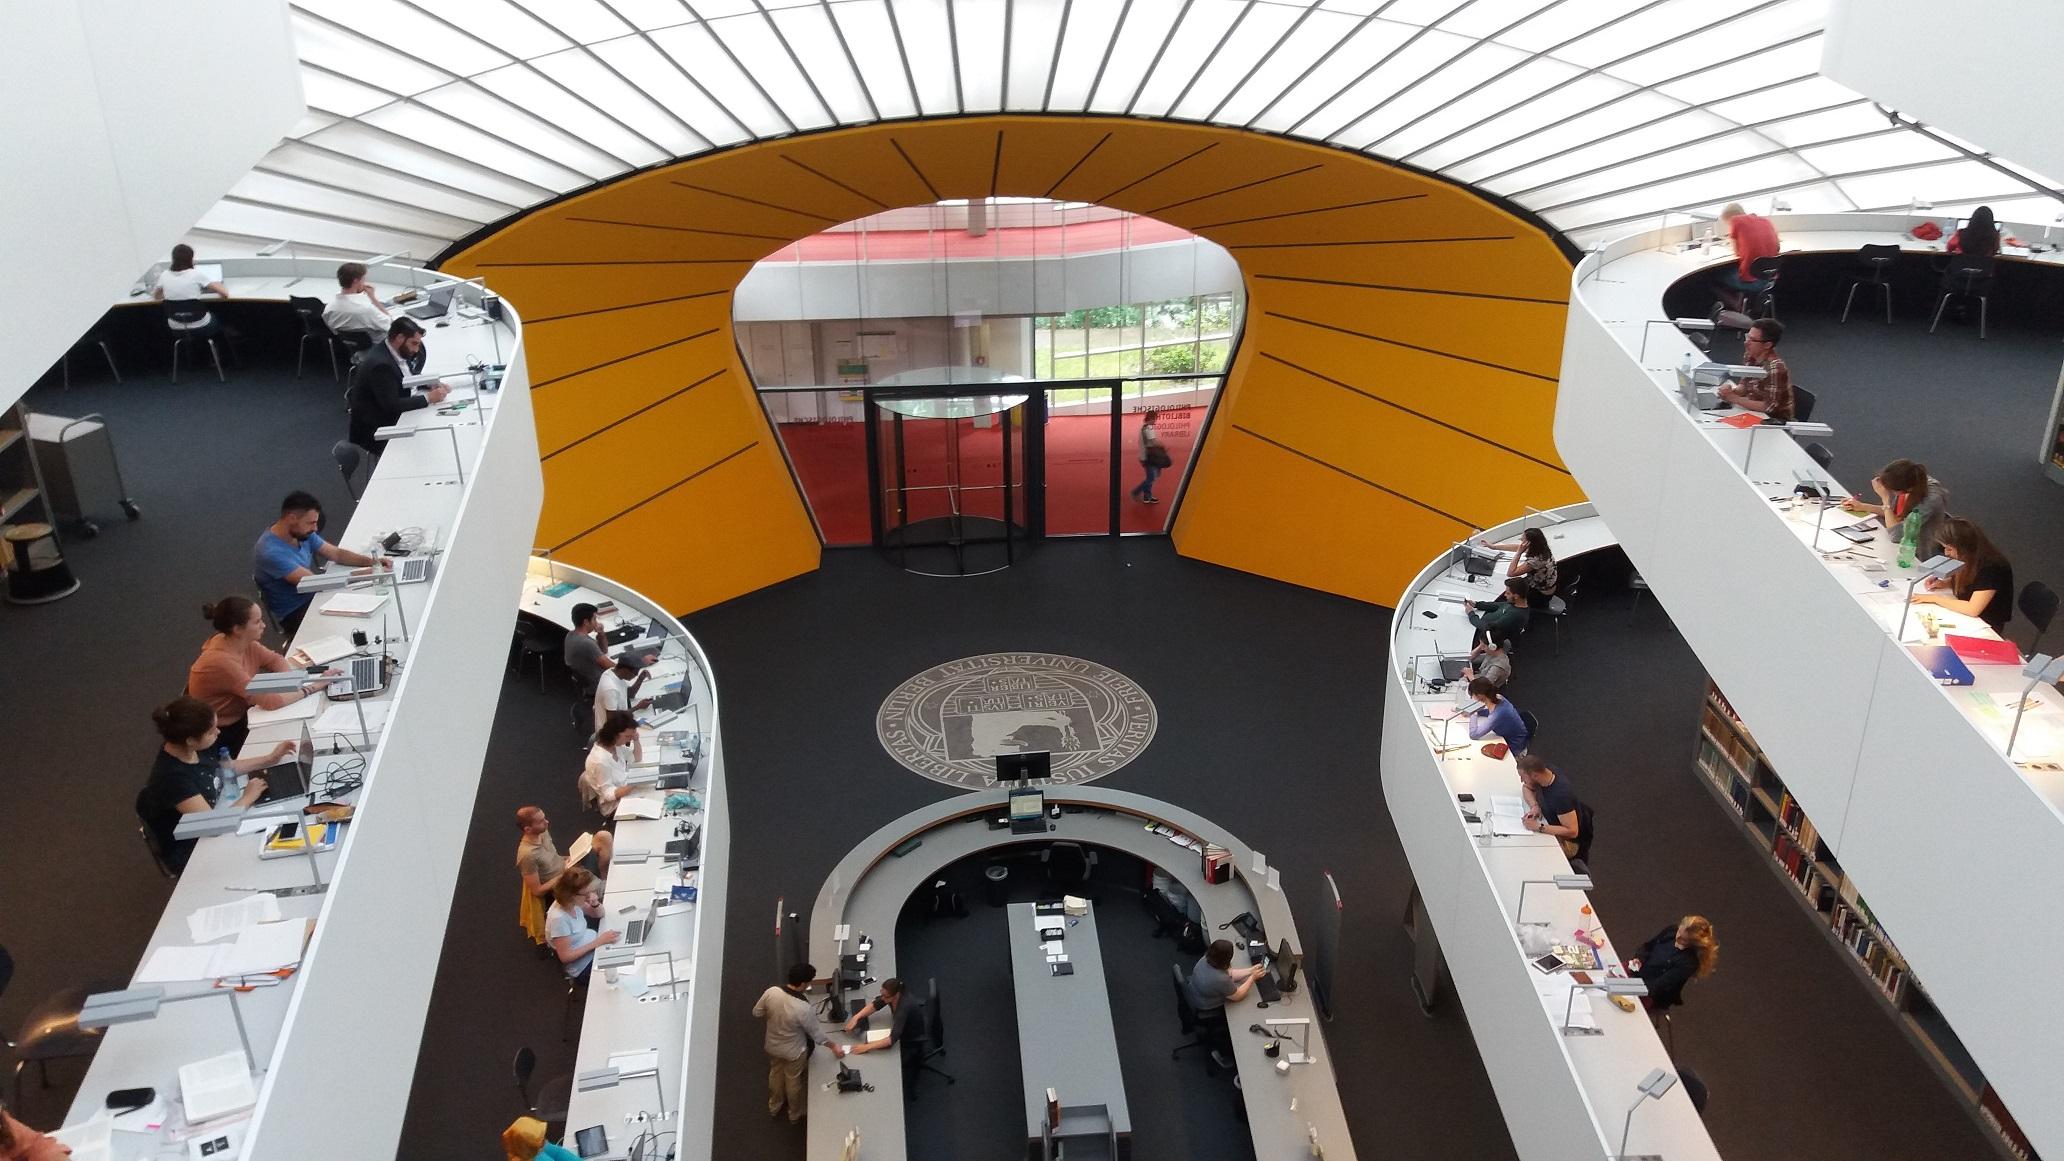 KUVA 2: Kirjastoarkkitehtuuria: Philological Library.